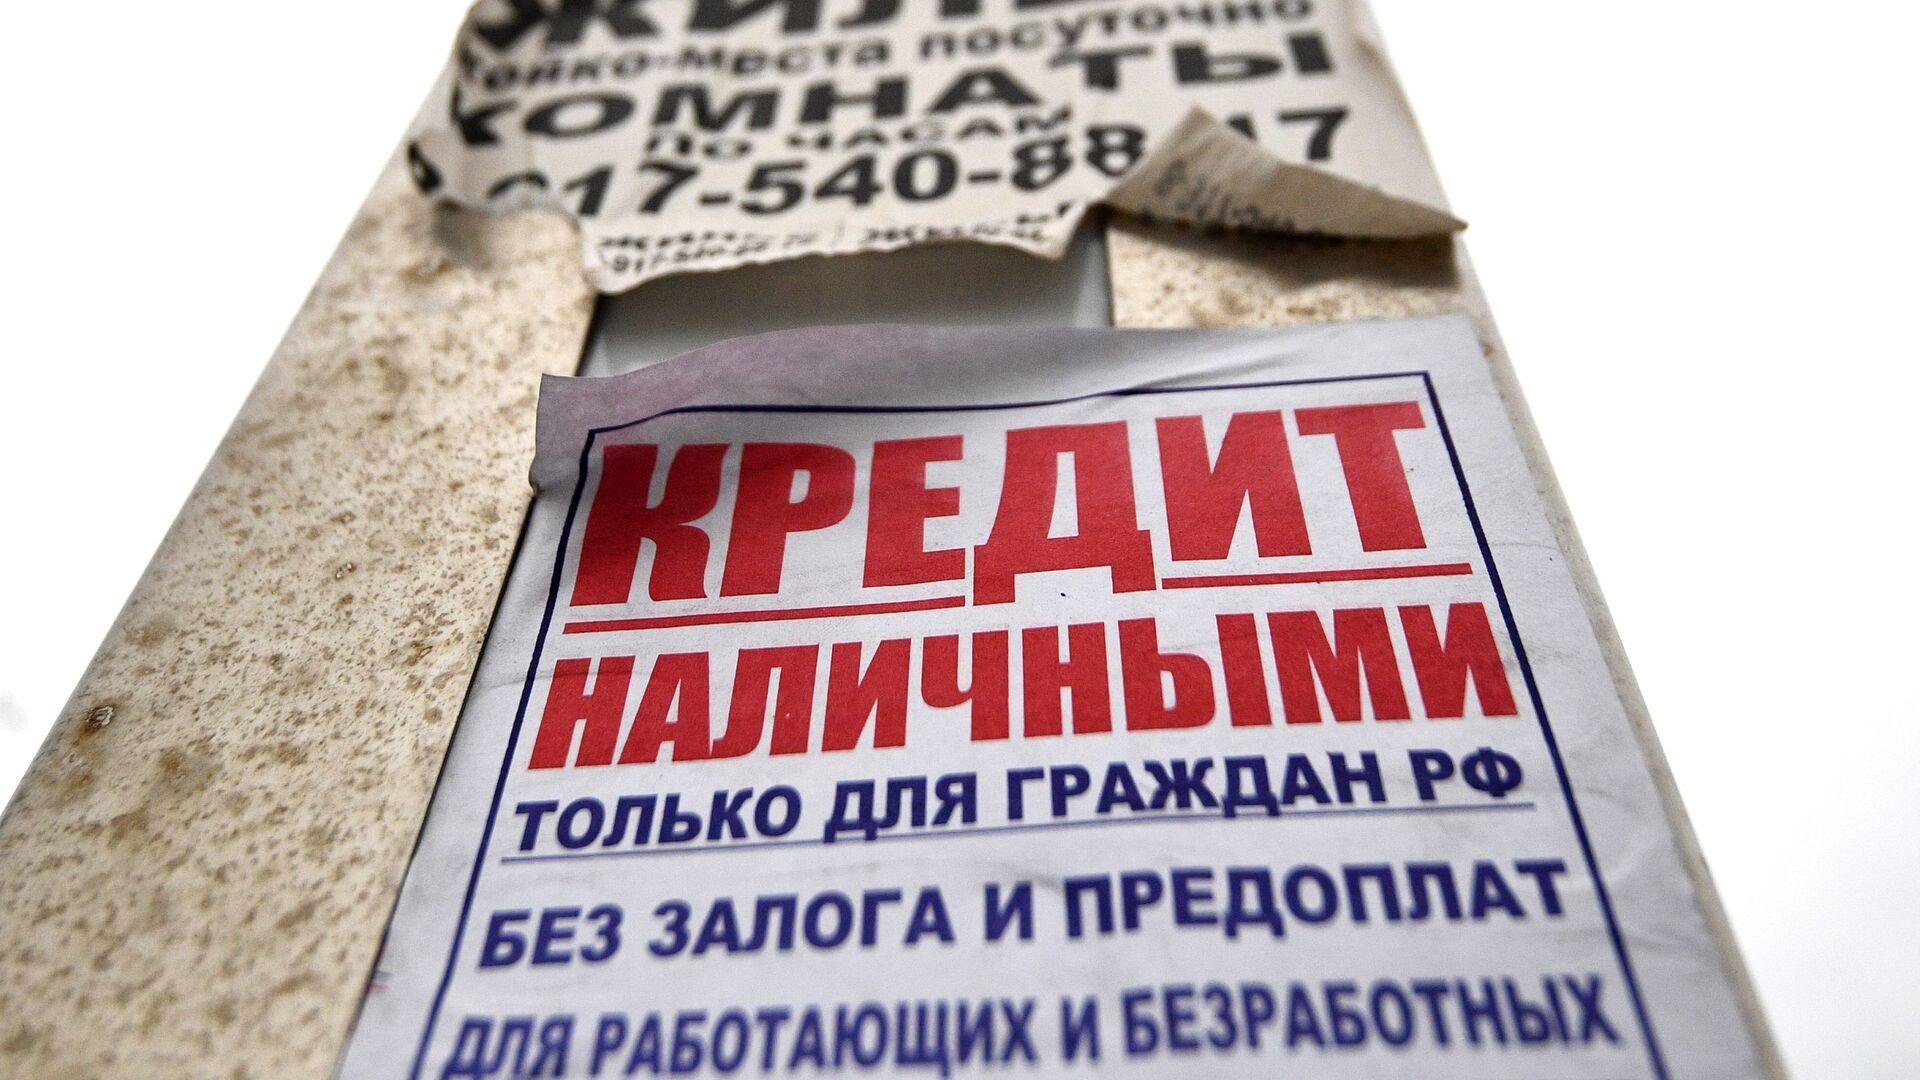 Объявления о кредитах. Архивное фото - РИА Новости, 1920, 27.09.2021